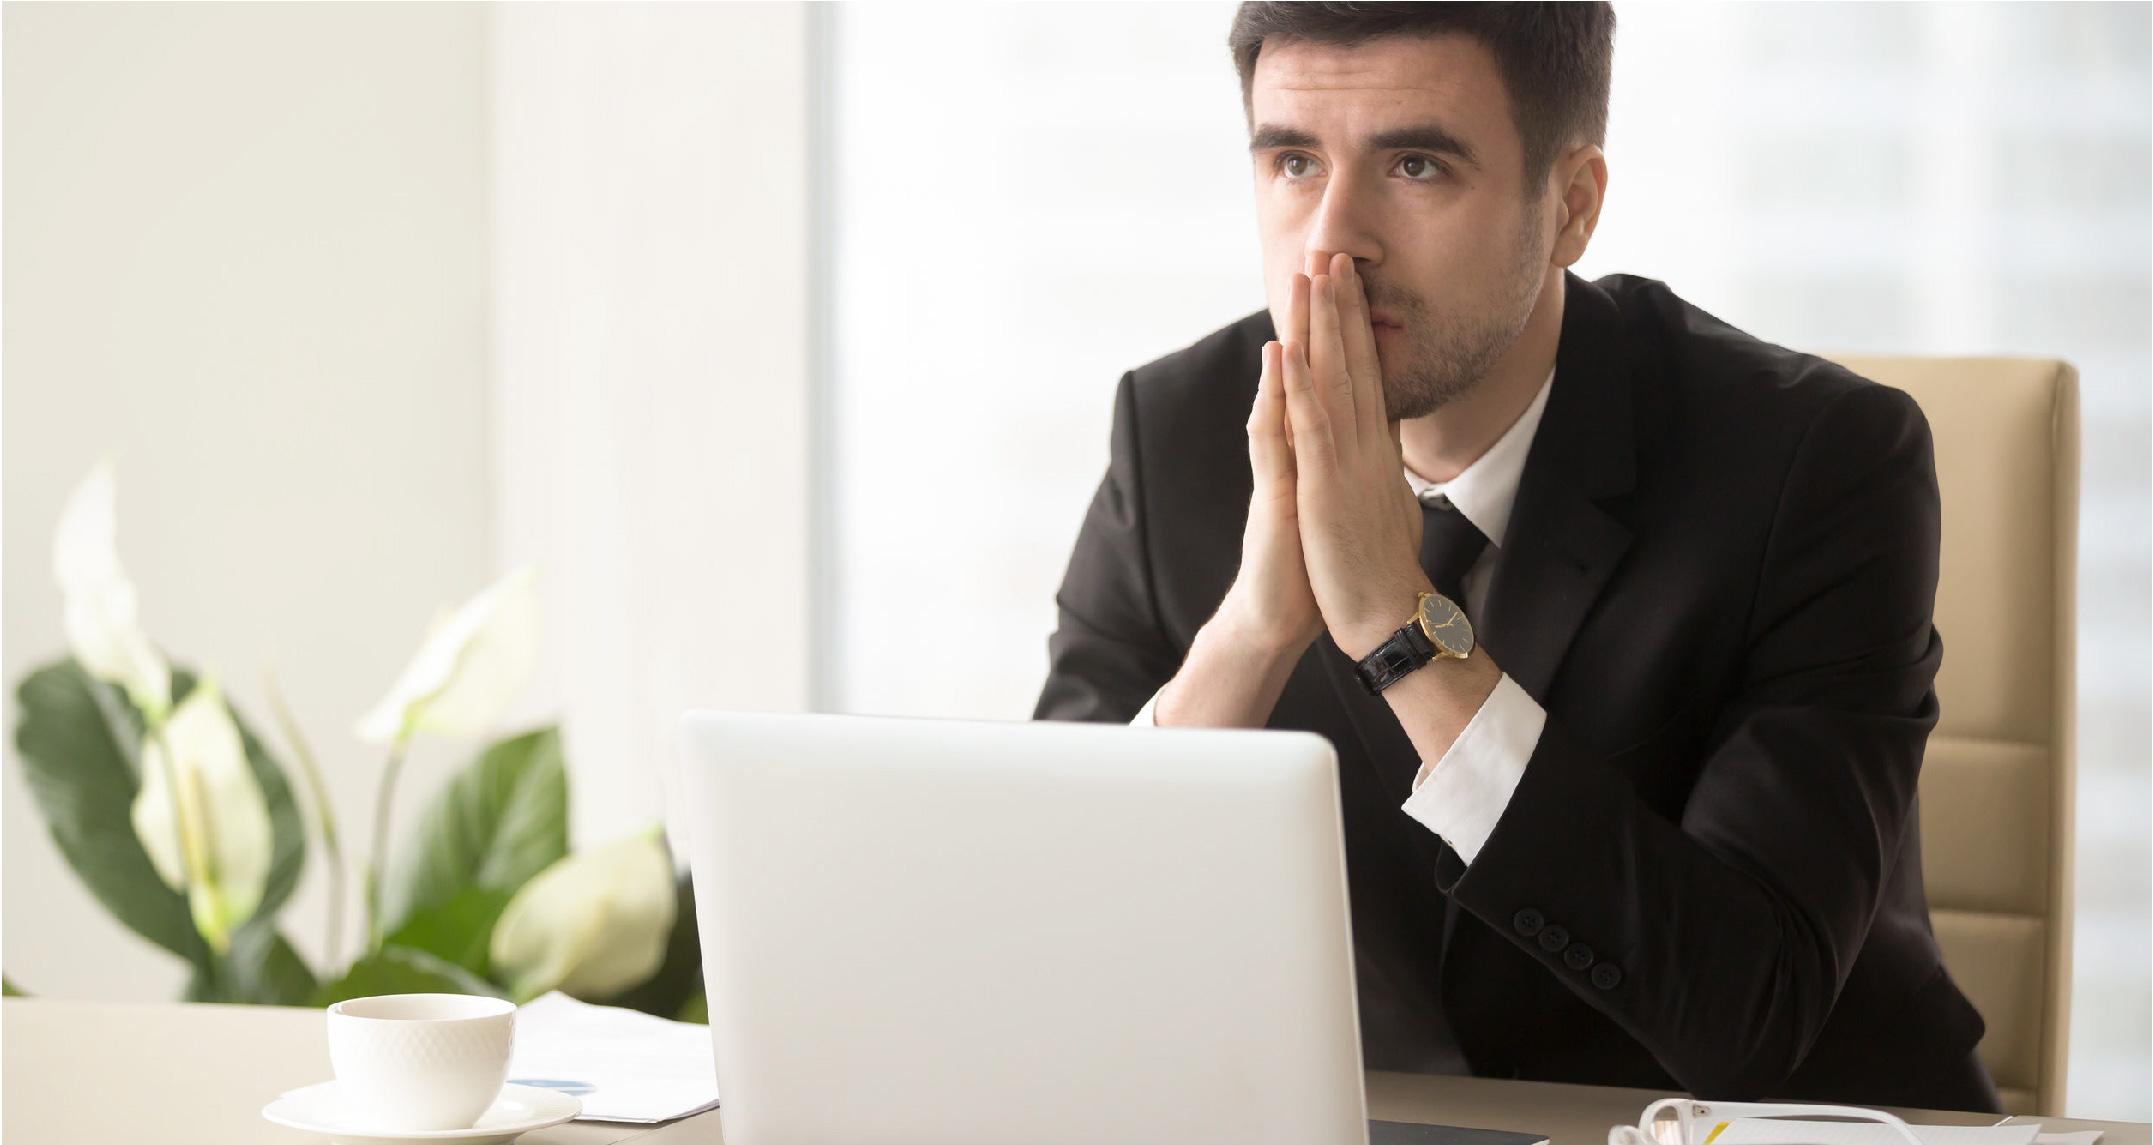 Welke opties zijn er als je bedrijf failliet dreigt te gaan door de coronacrisis?